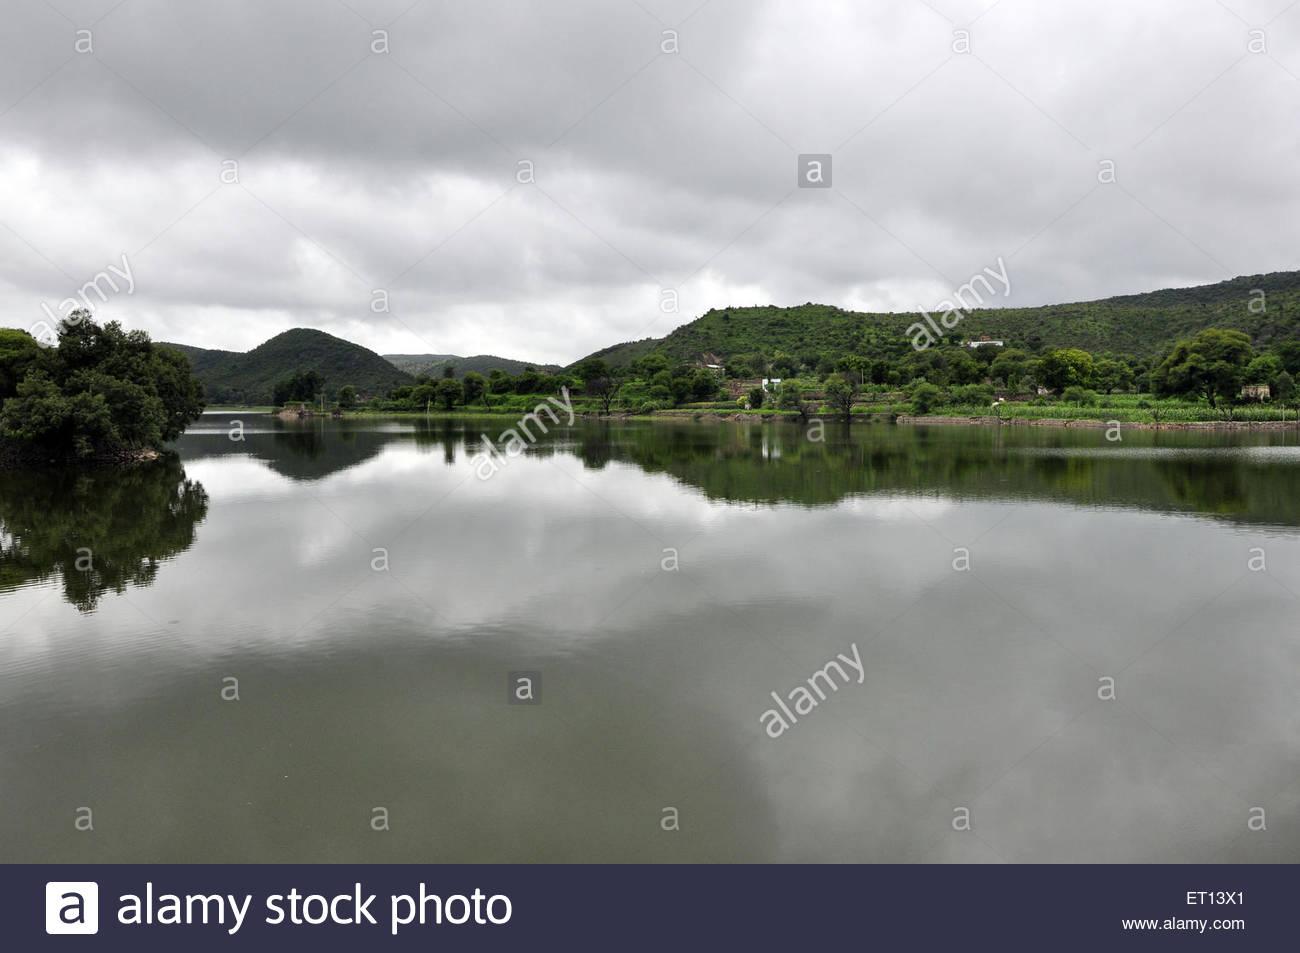 indira sagar lake Eklingji Udaipur rajasthan India Asia   Stock Image Alamy